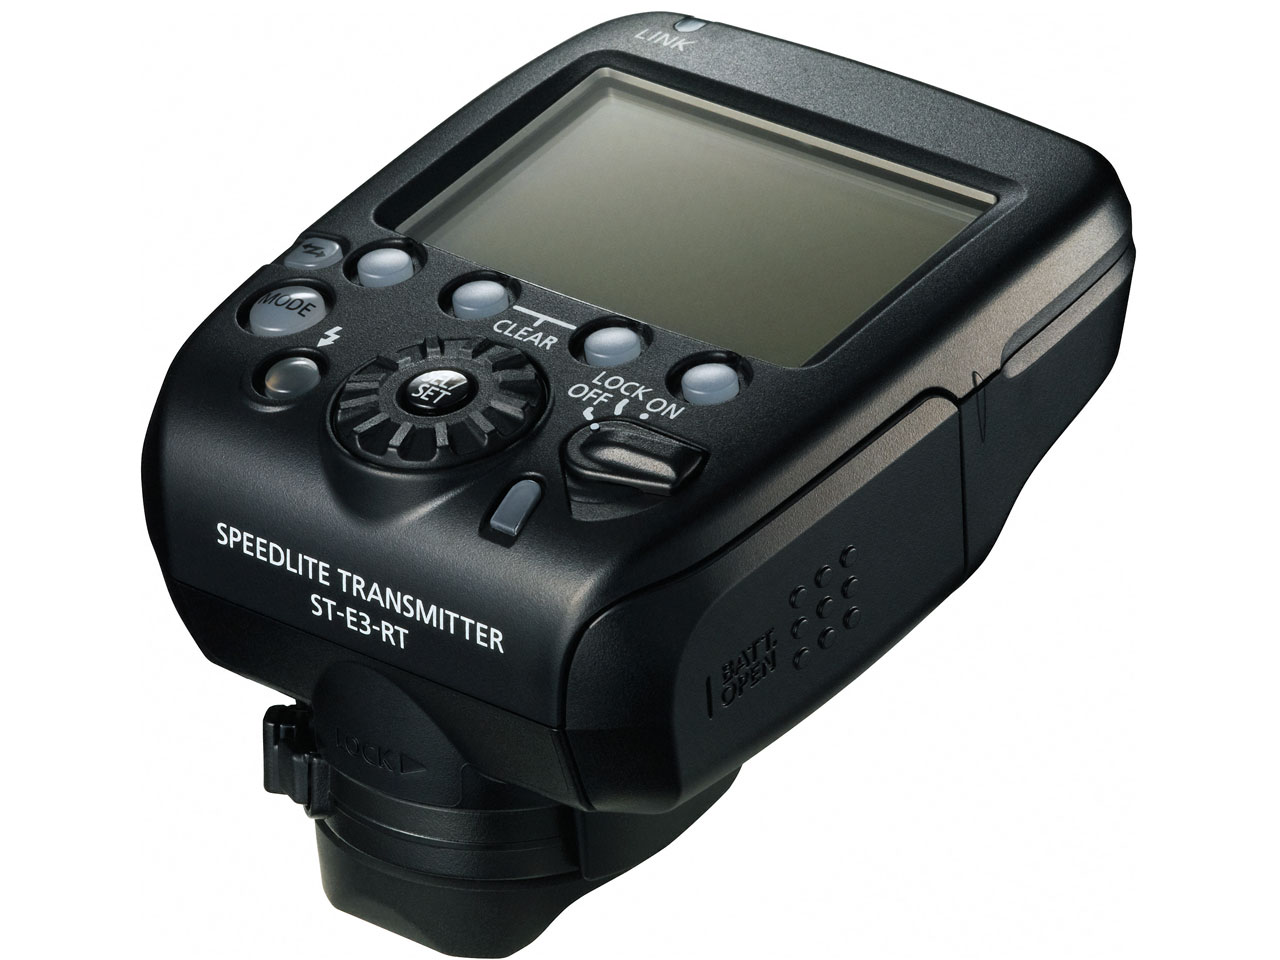 スピードライトトランスミッター ST-E3-RT